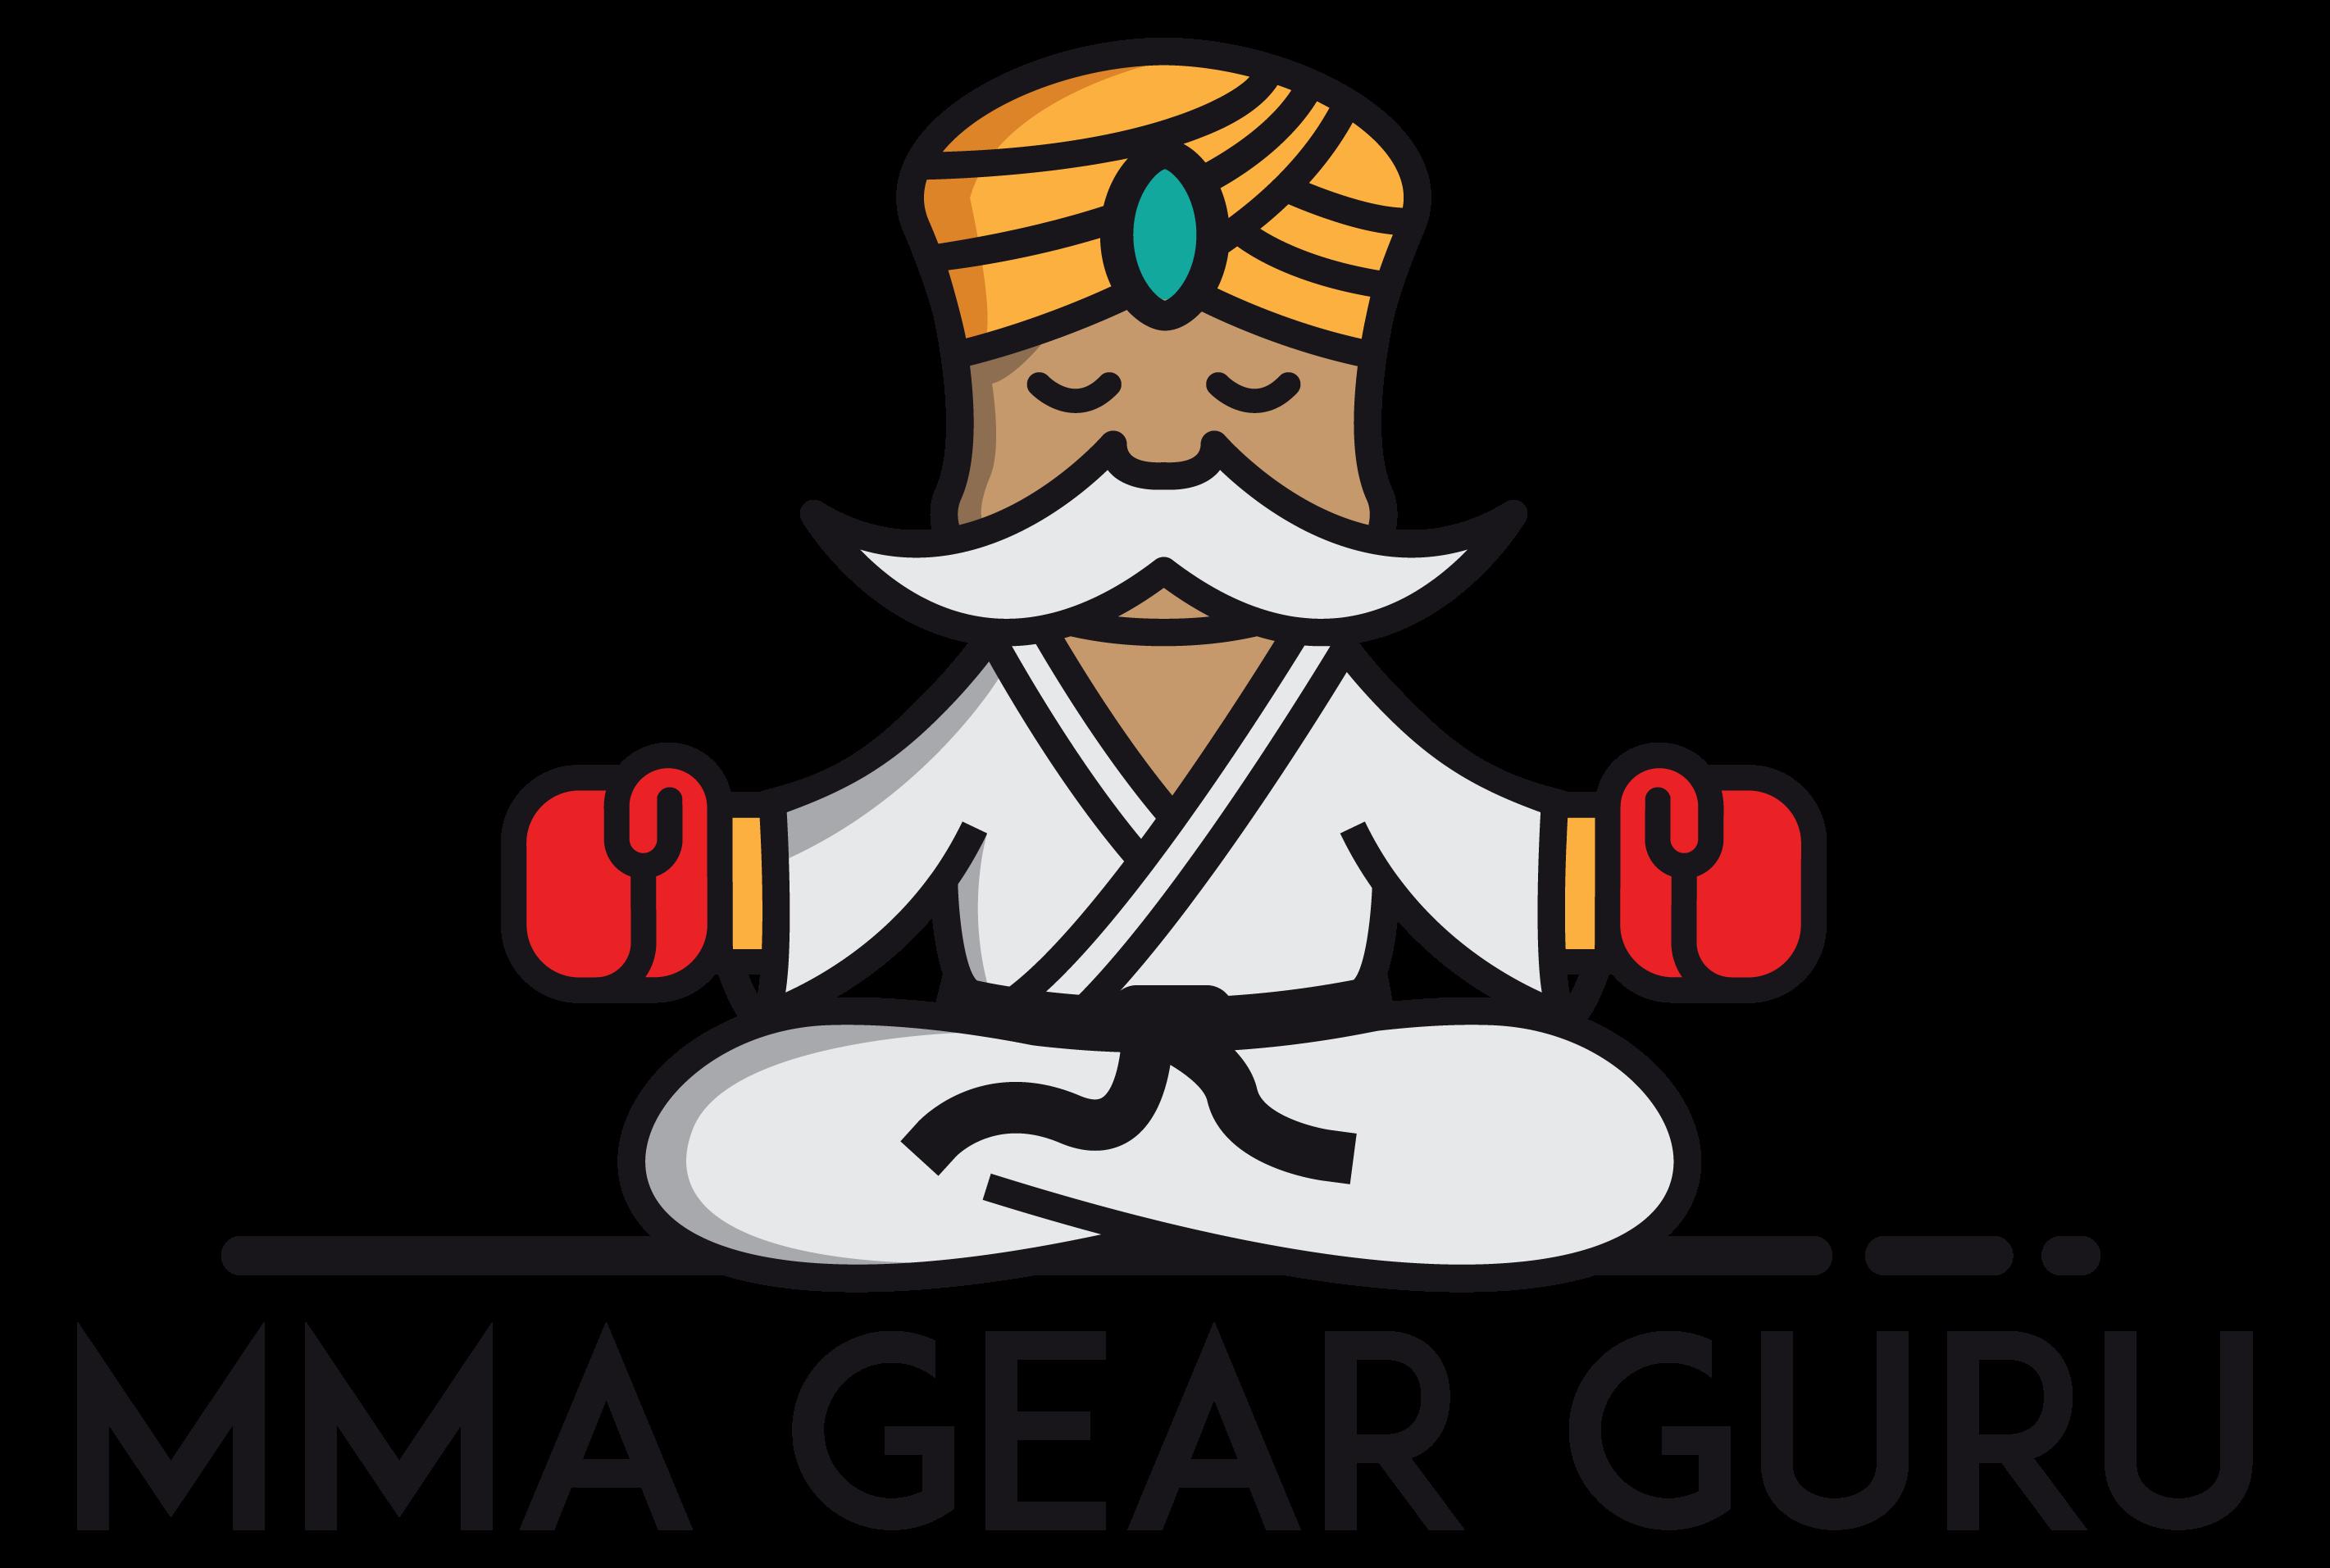 REVIEW – Overall Best Brazilian Jiu Jitsu (BJJ) GI 2018